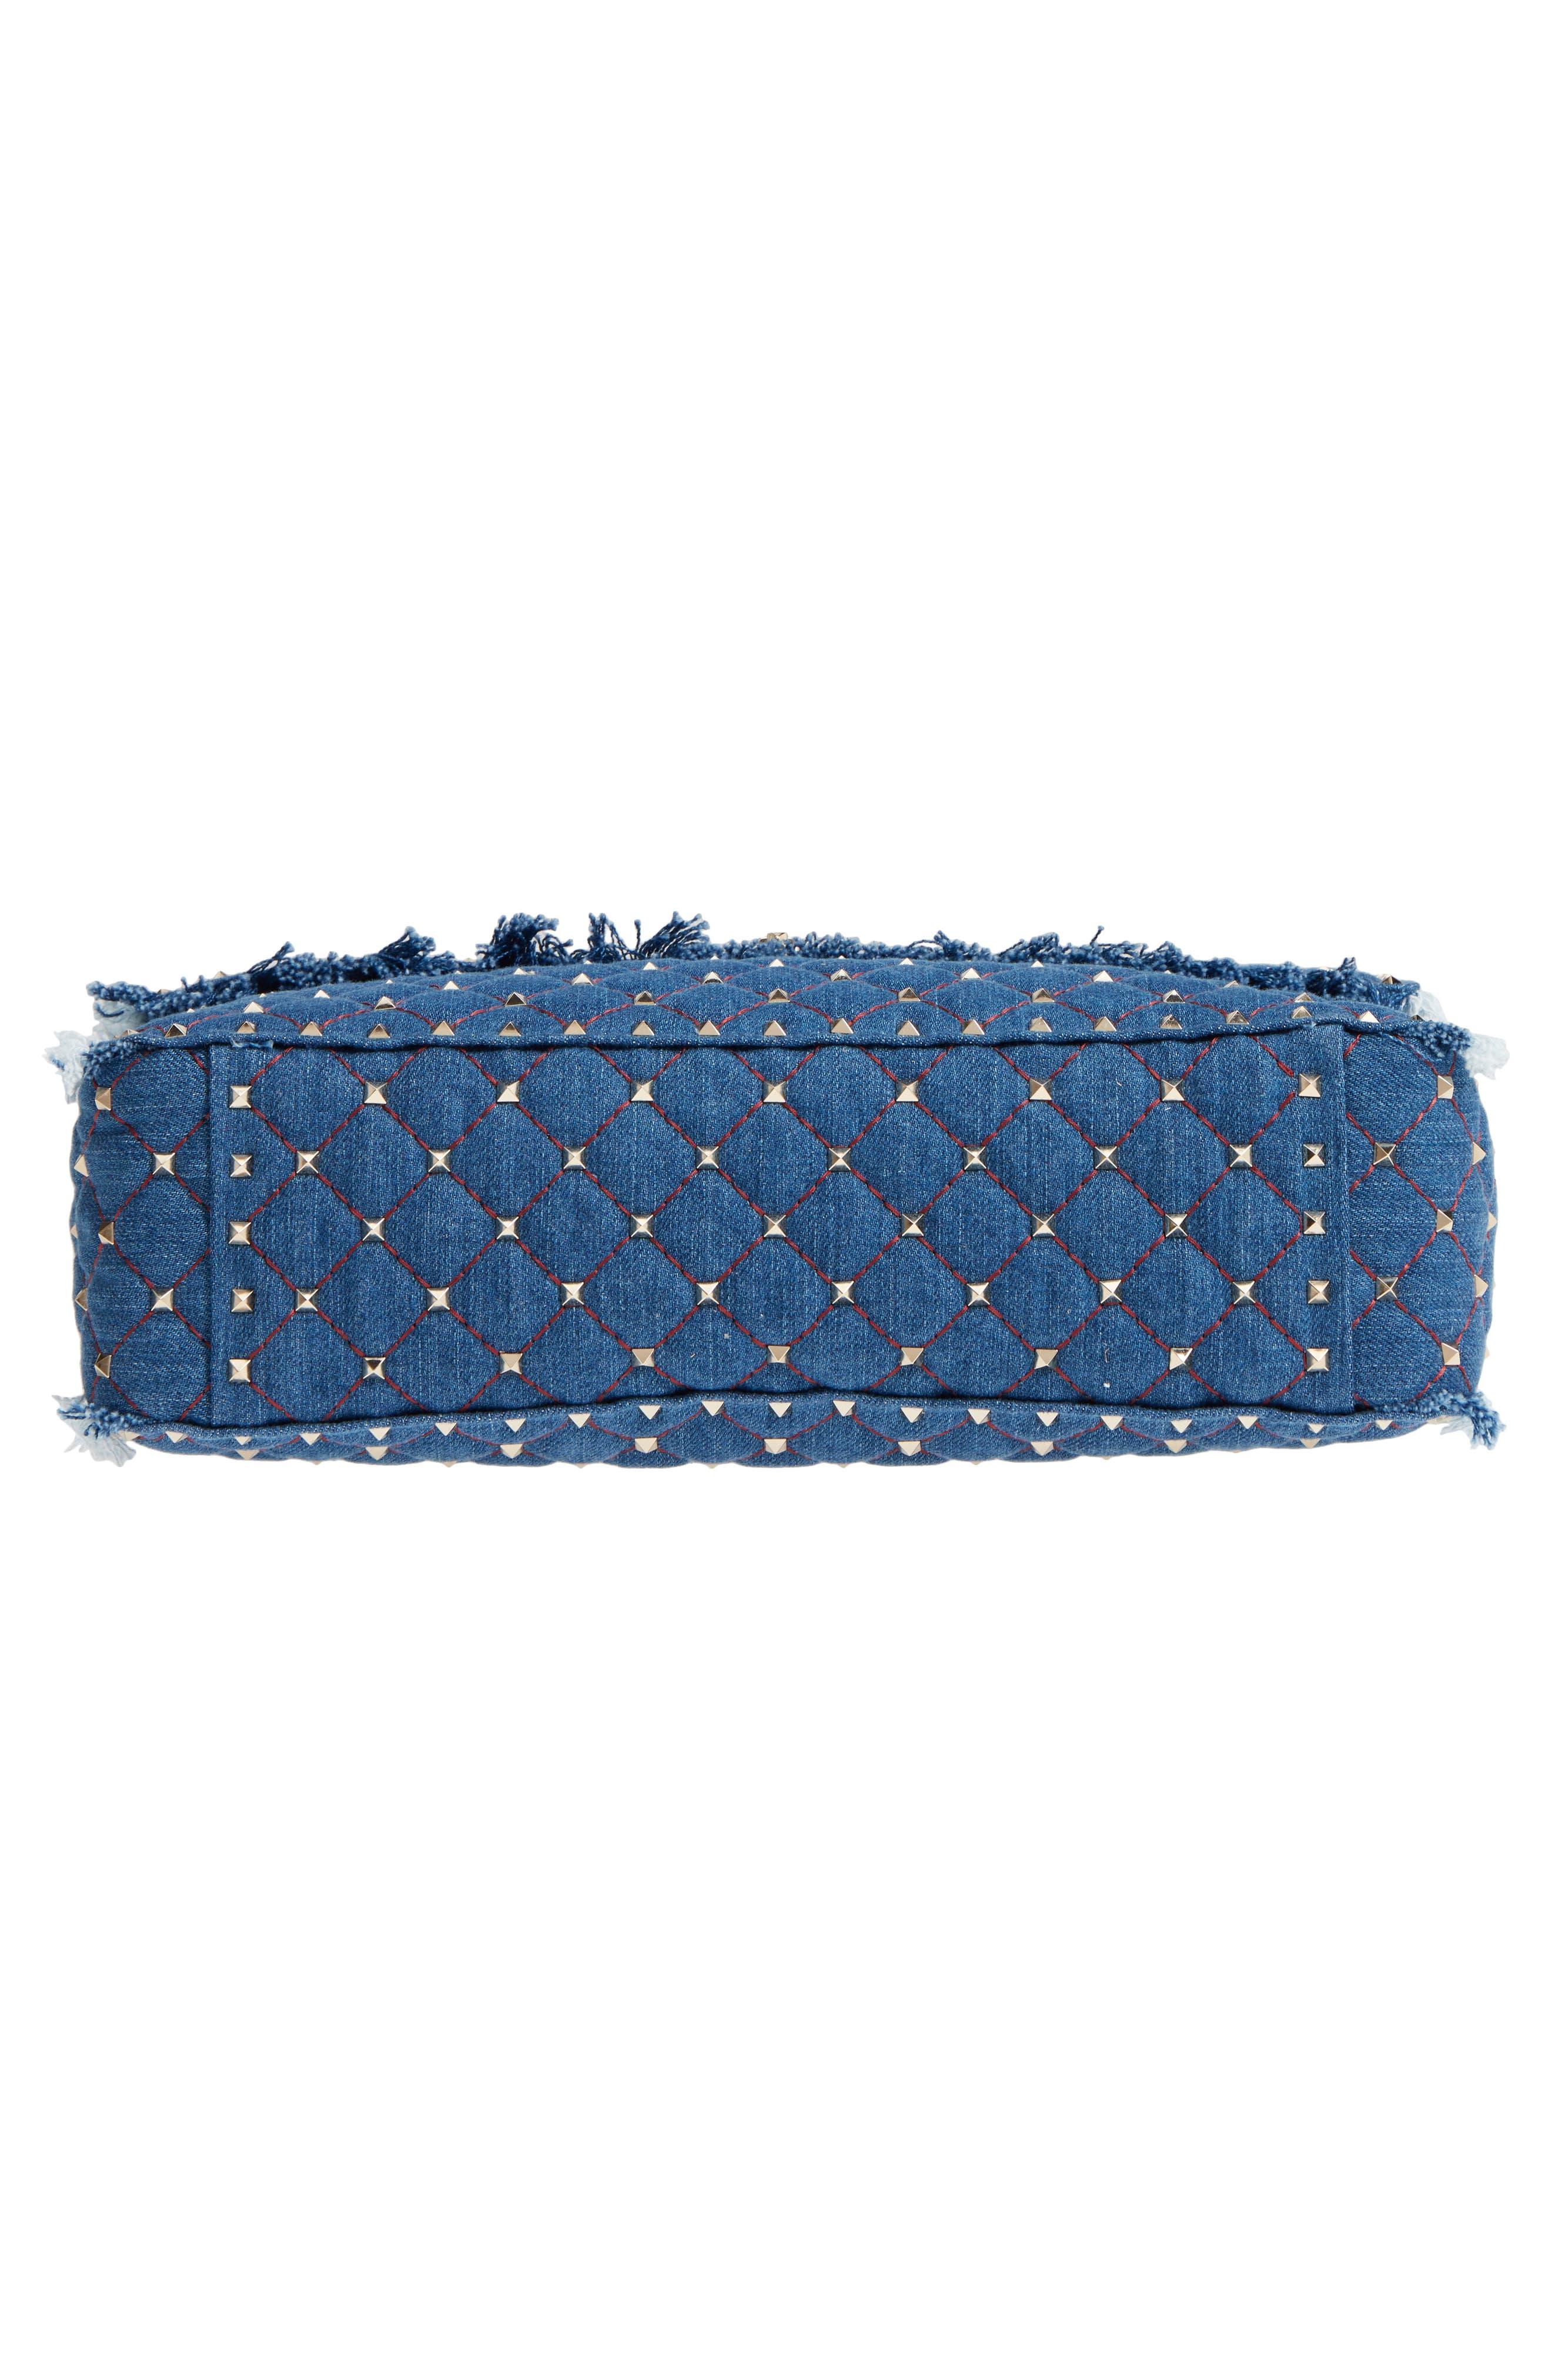 Maxi Rockstud Spike Denim Shoulder Bag,                             Alternate thumbnail 6, color,                             408